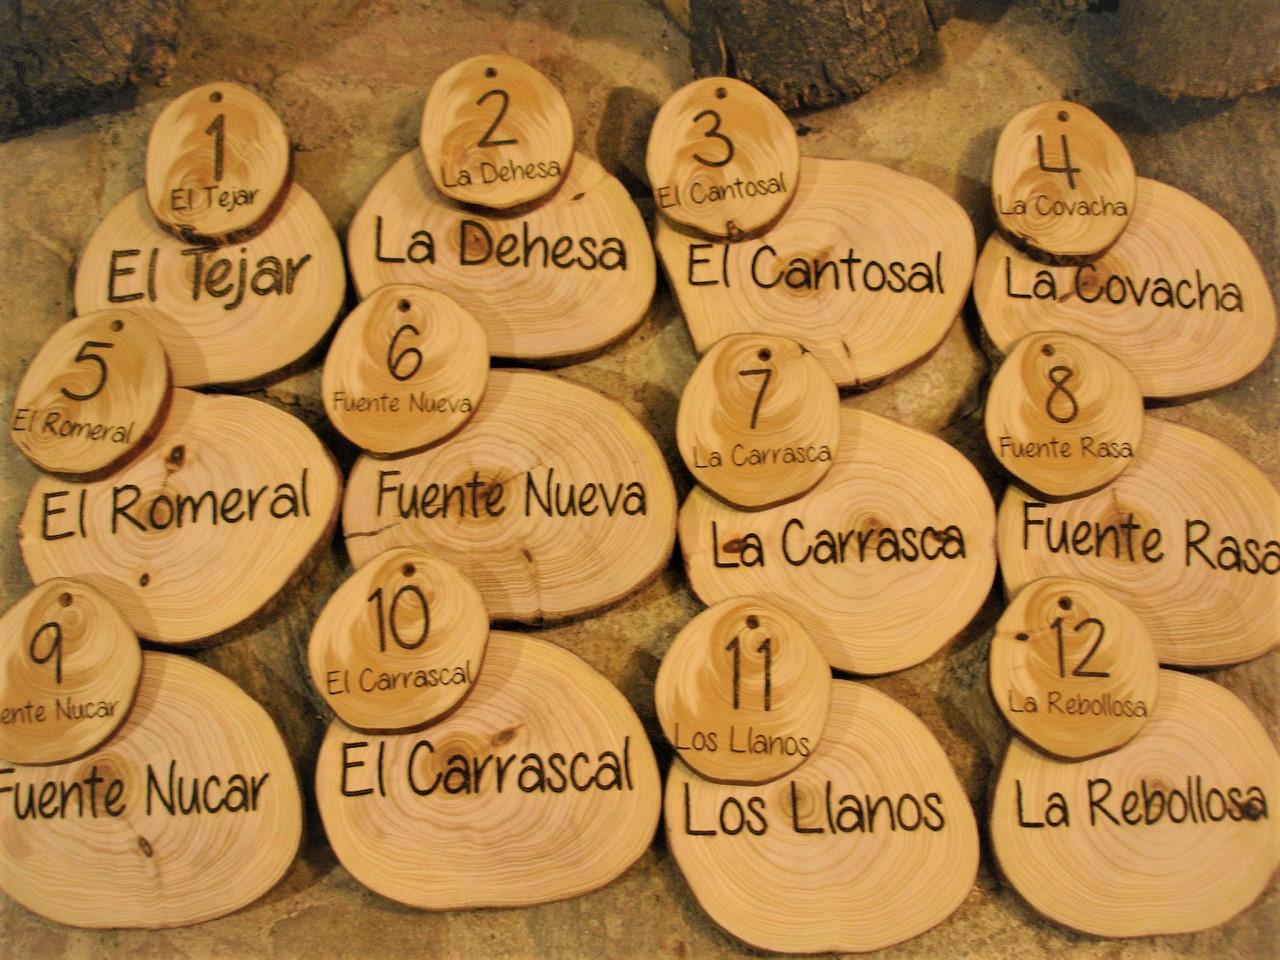 http://www.hostalruralsantabarbara.com/